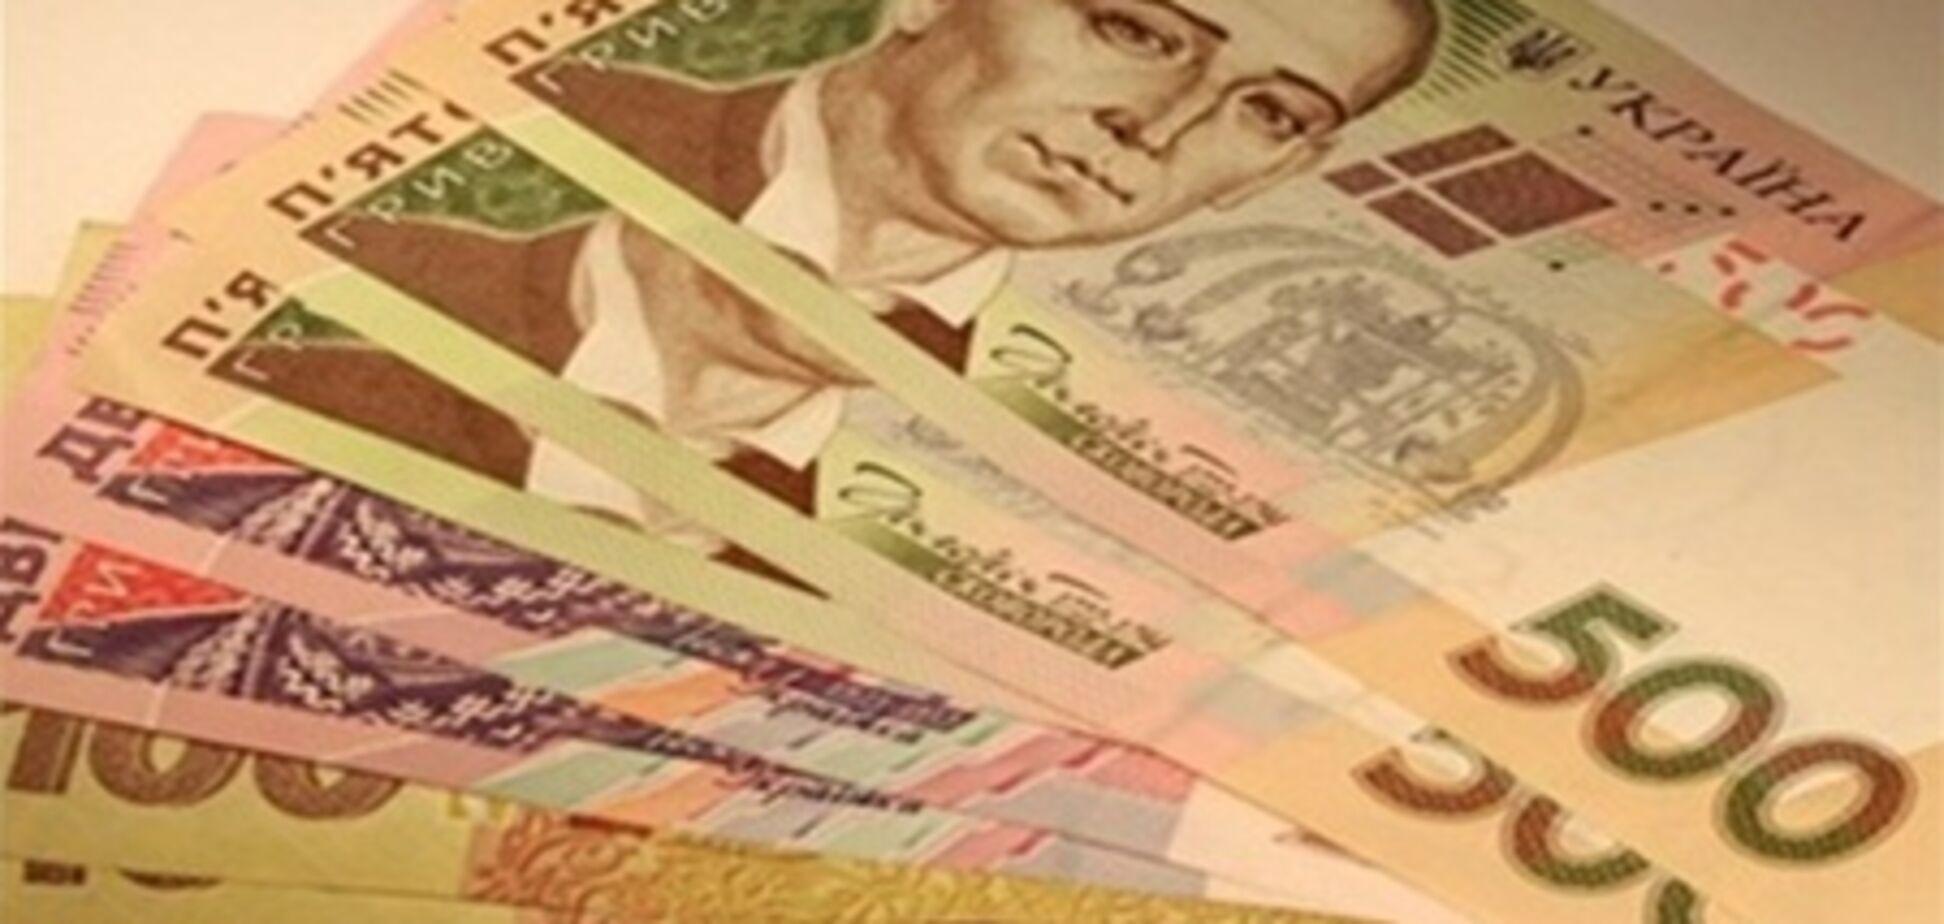 Зарплата киевских чиновников выросла на 70% - эксперт